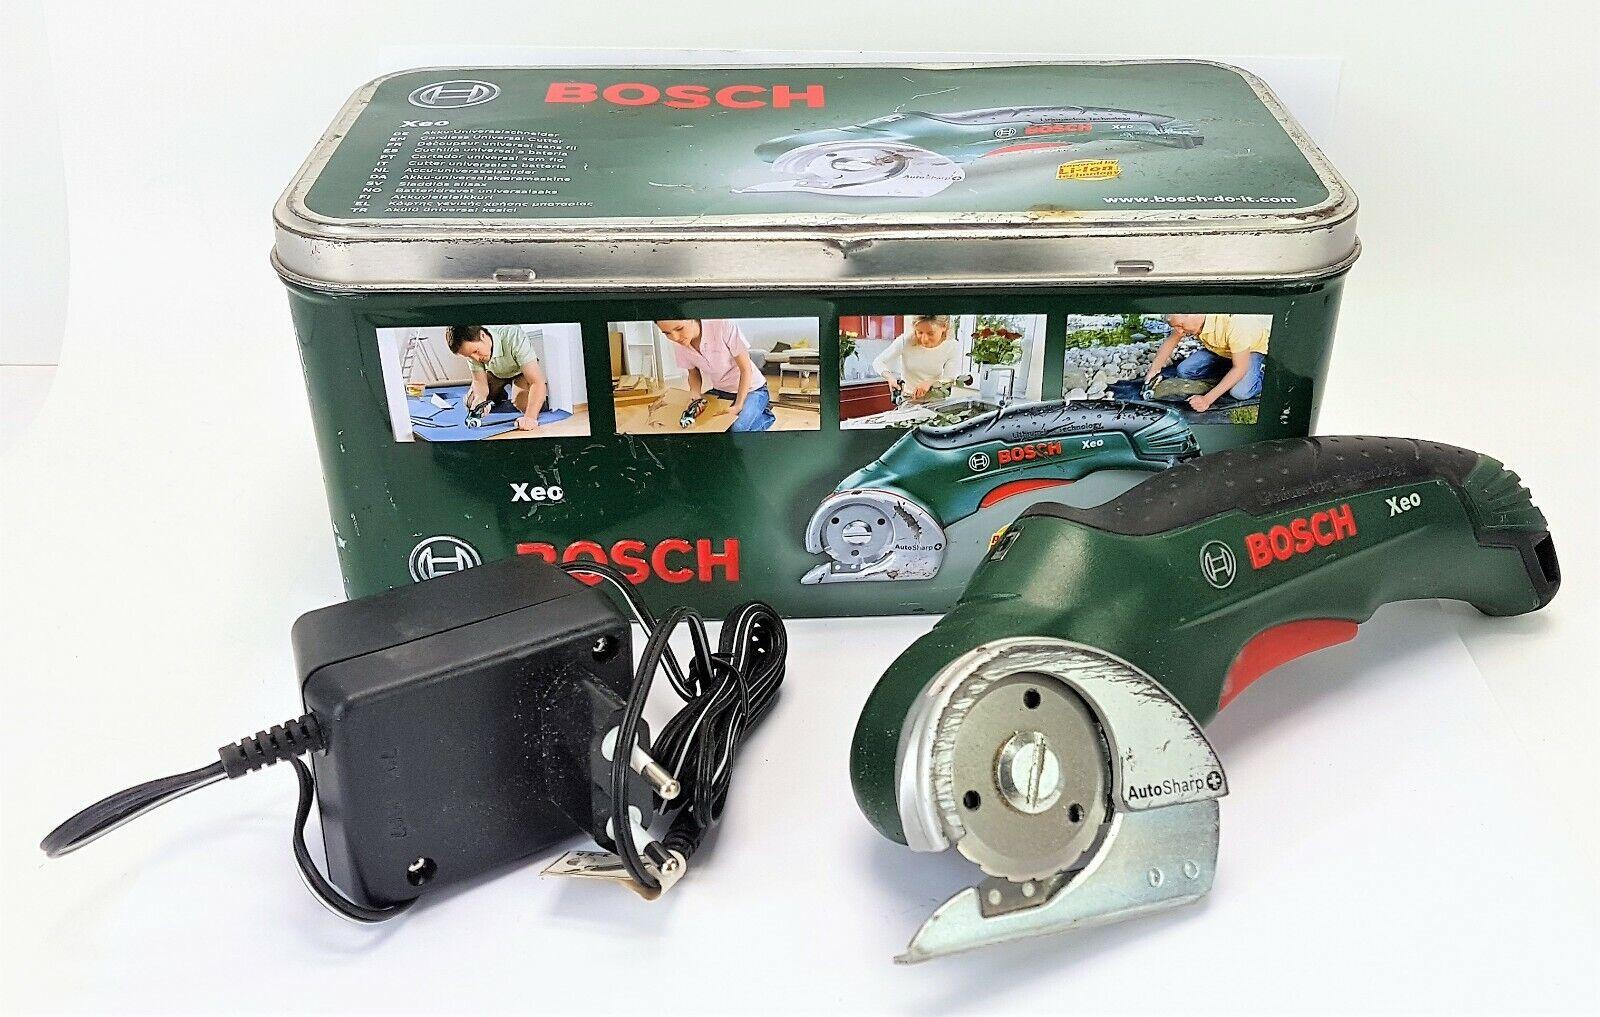 Bosch Heimwerken & Garten Akku-Universalschneider Xeo Elektroschere grün